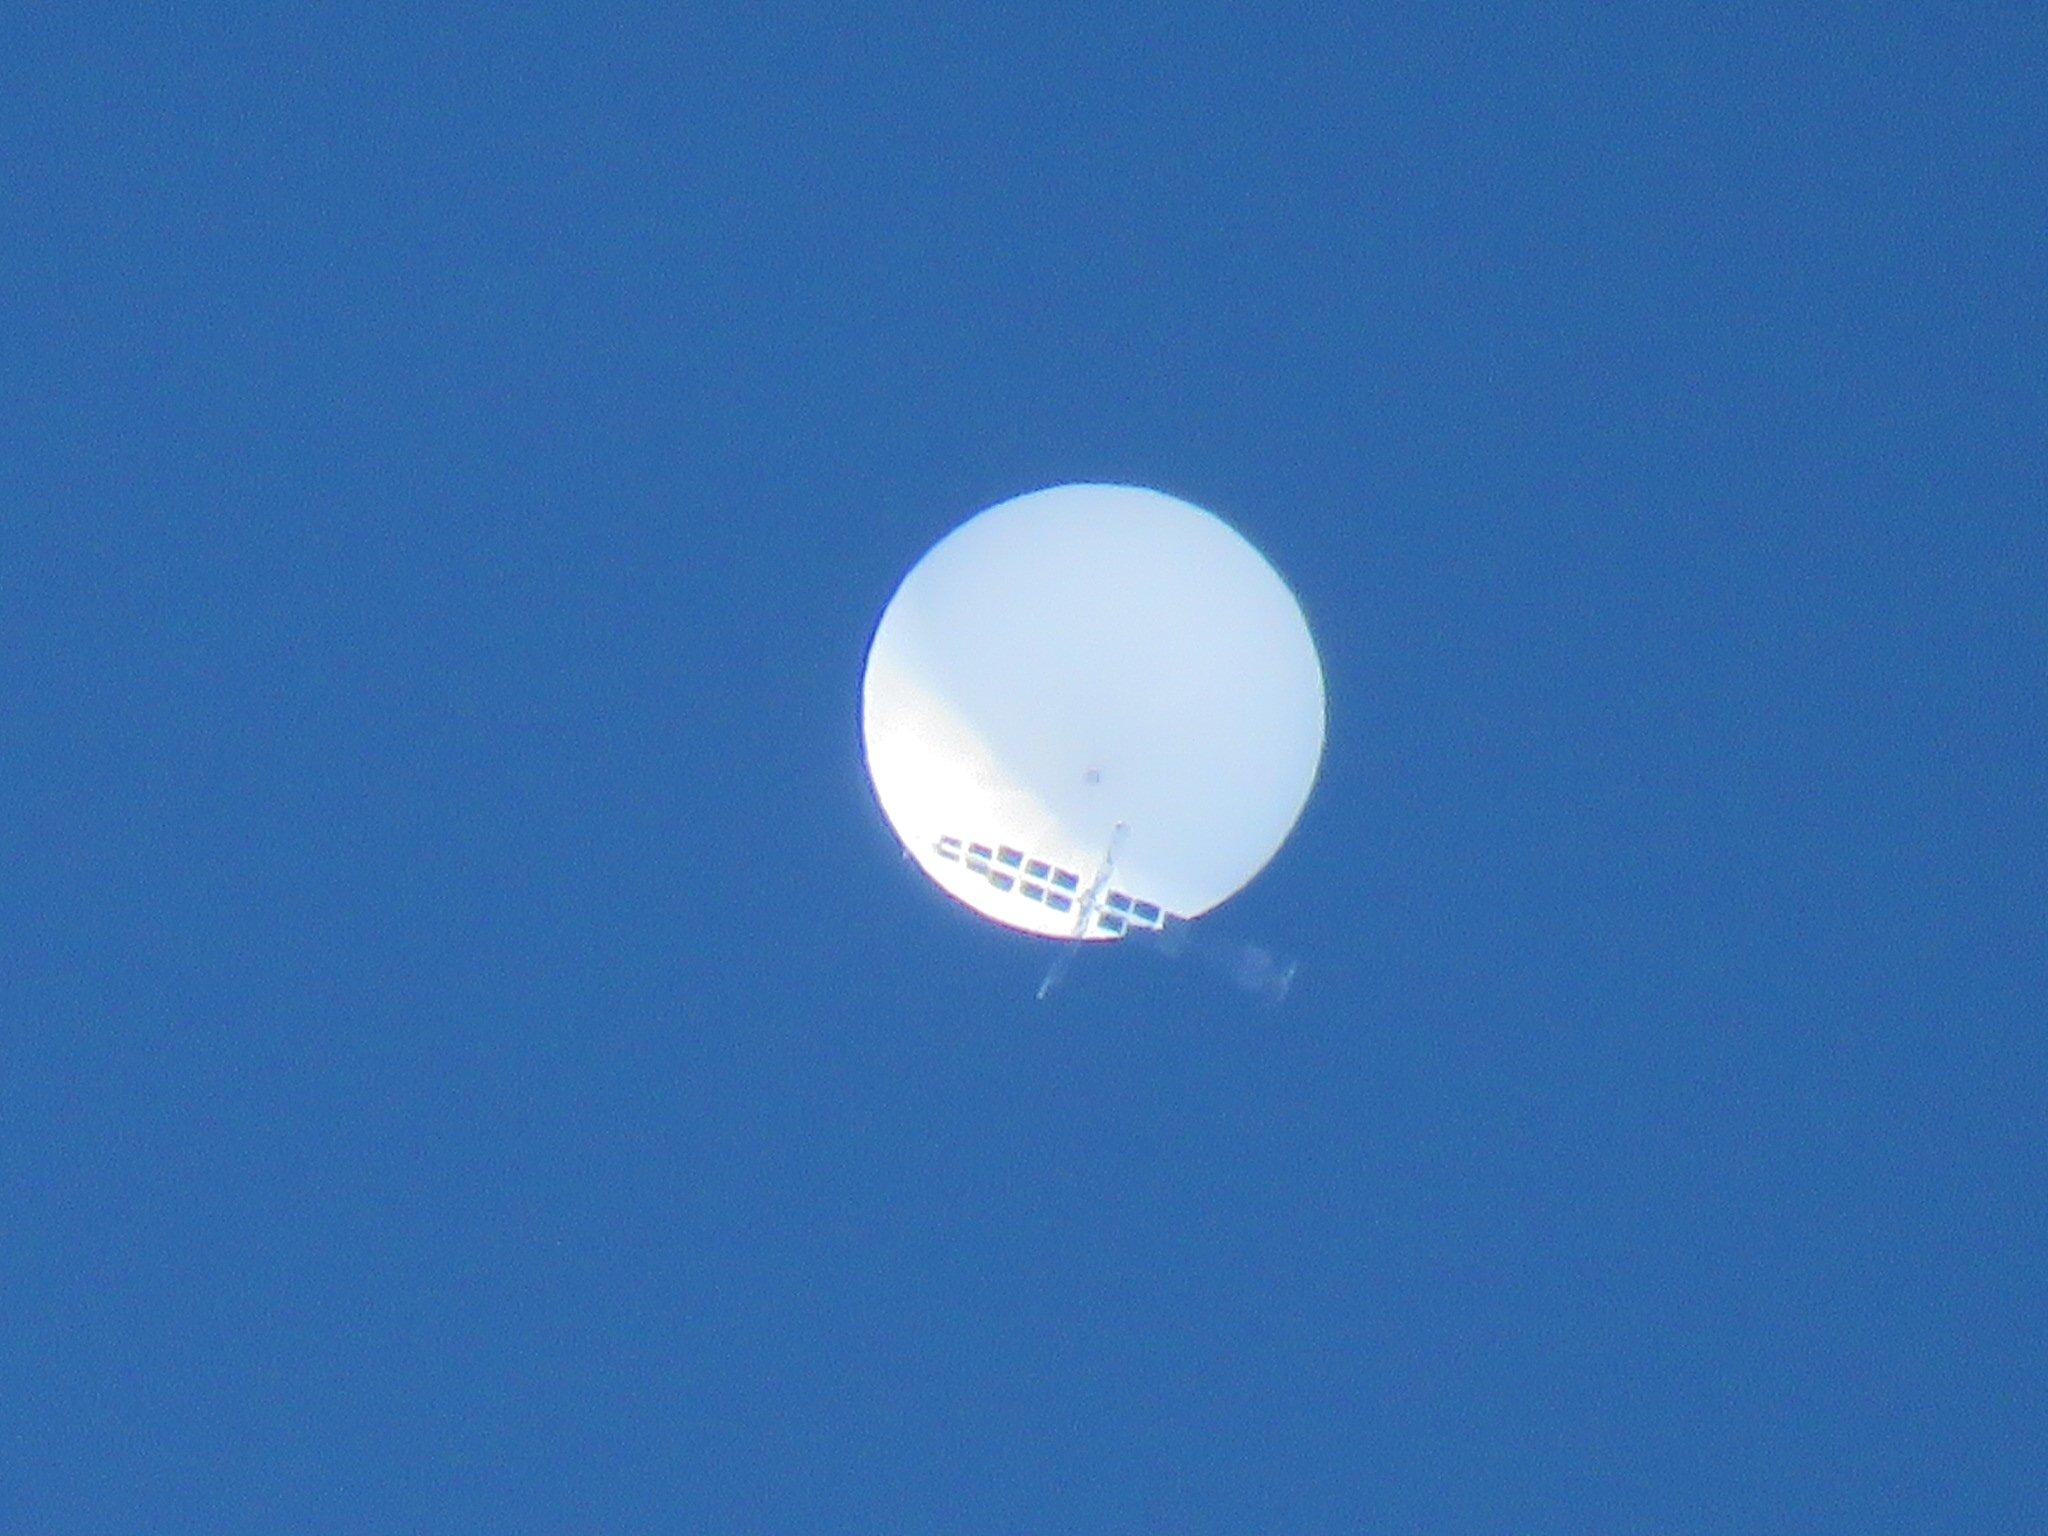 日本上空出现白色不明球体 自卫队直升机尝试接近